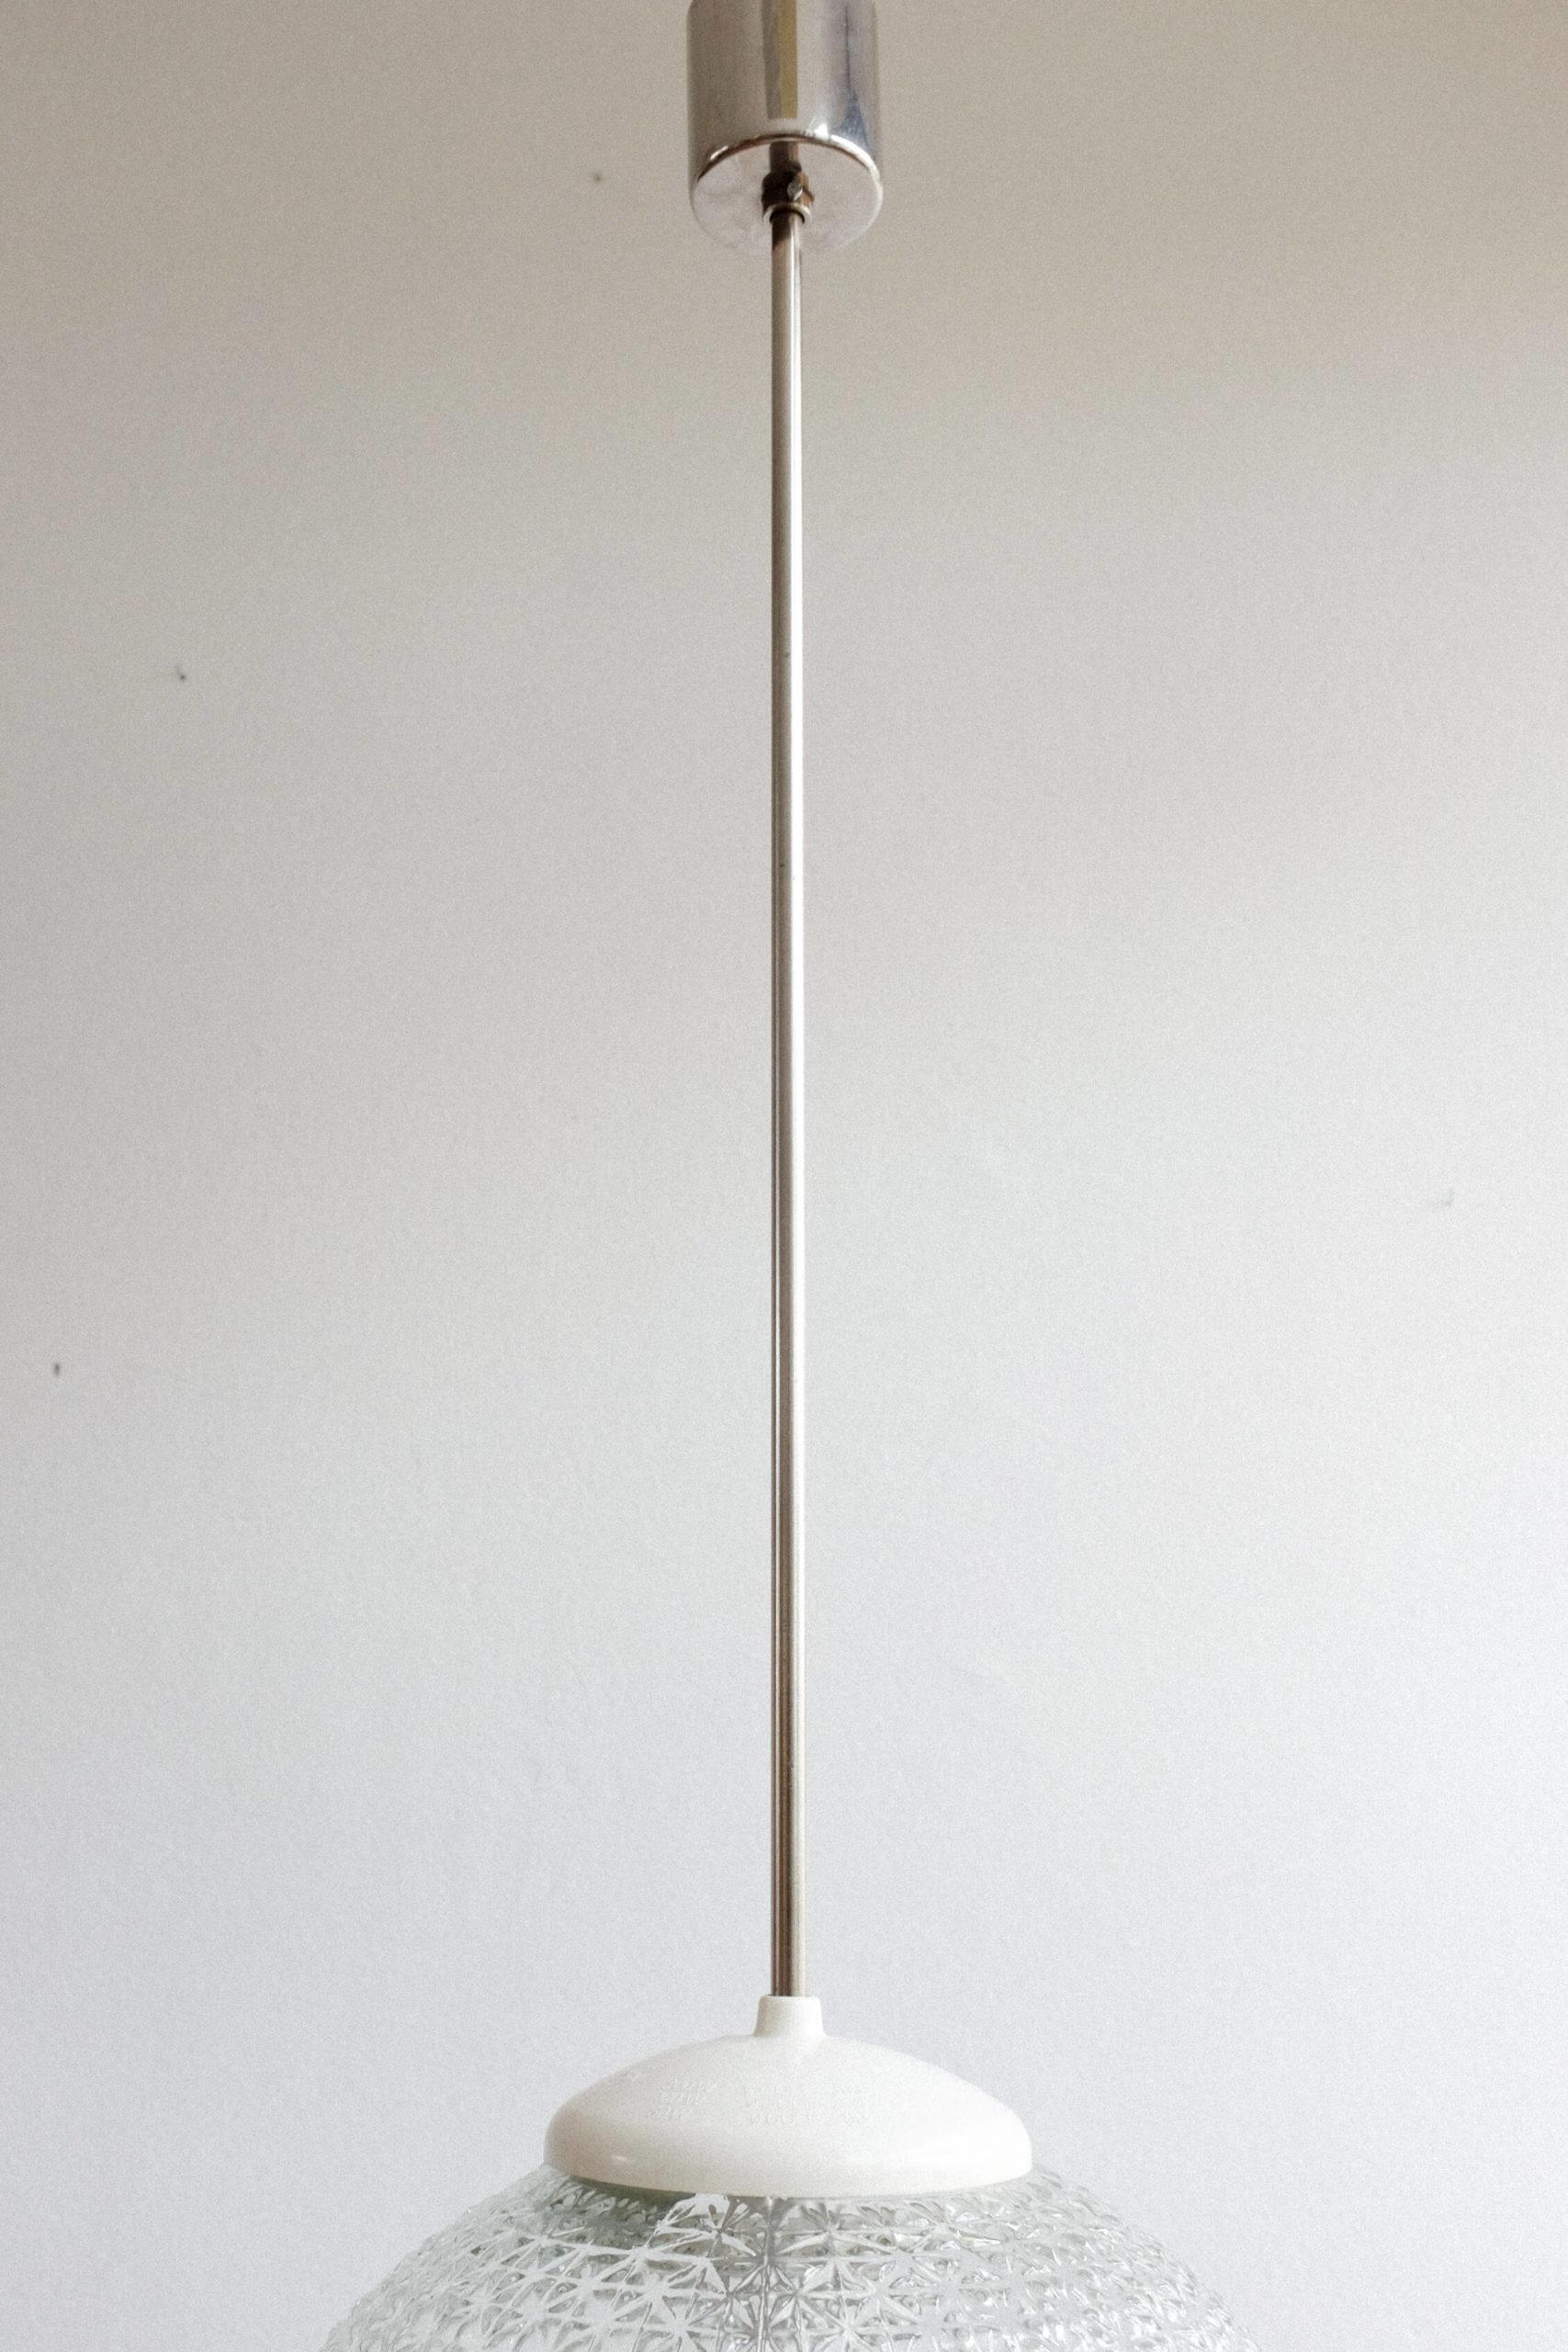 DSCF2855